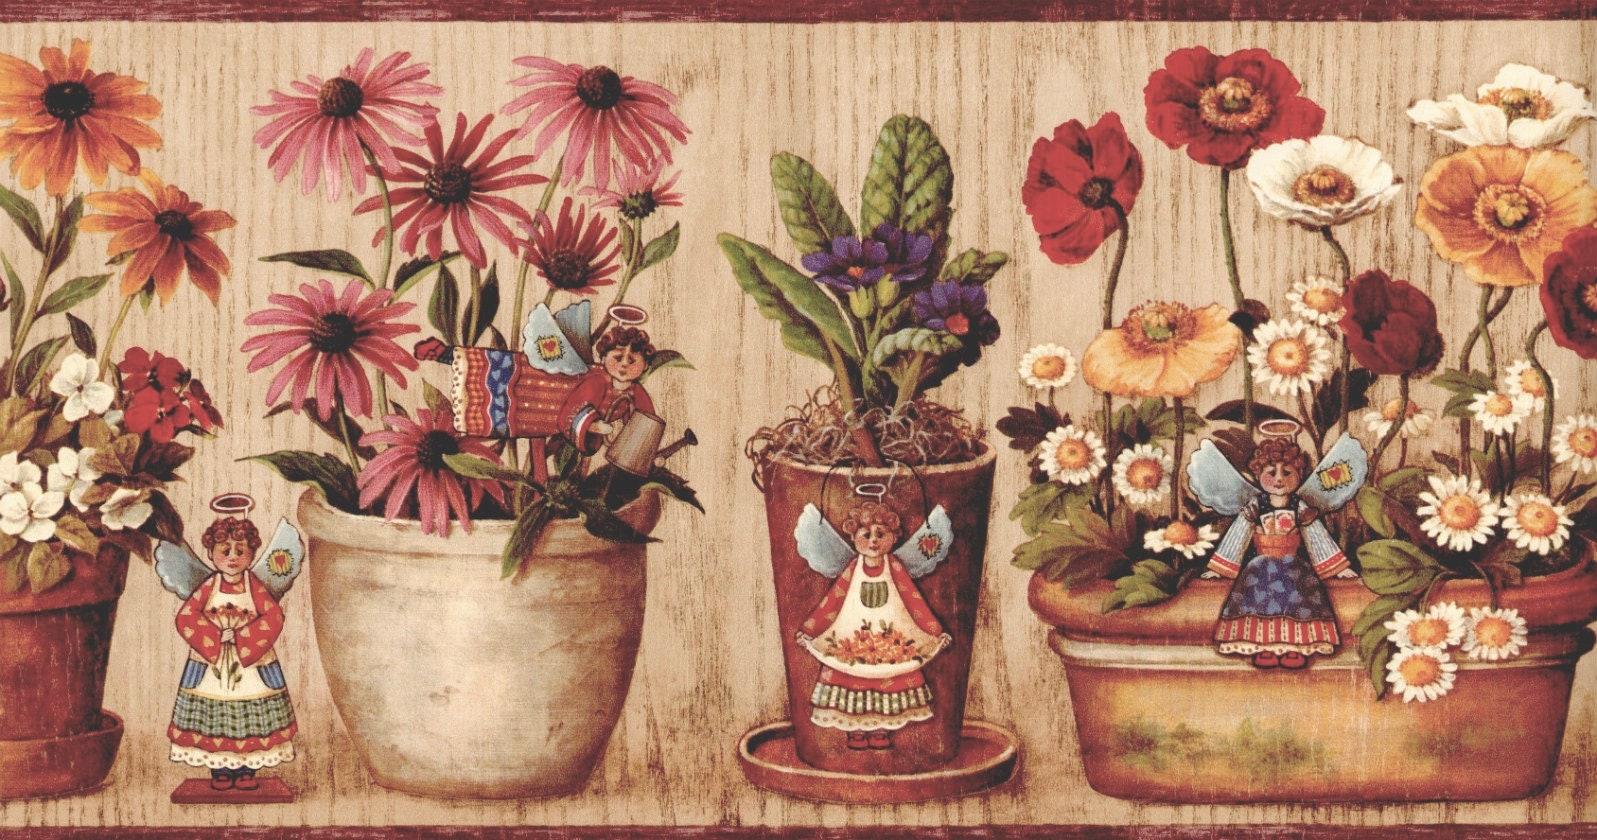 Flower Wallpaper Border Primitive Sunflower Angel Daisy Etsy